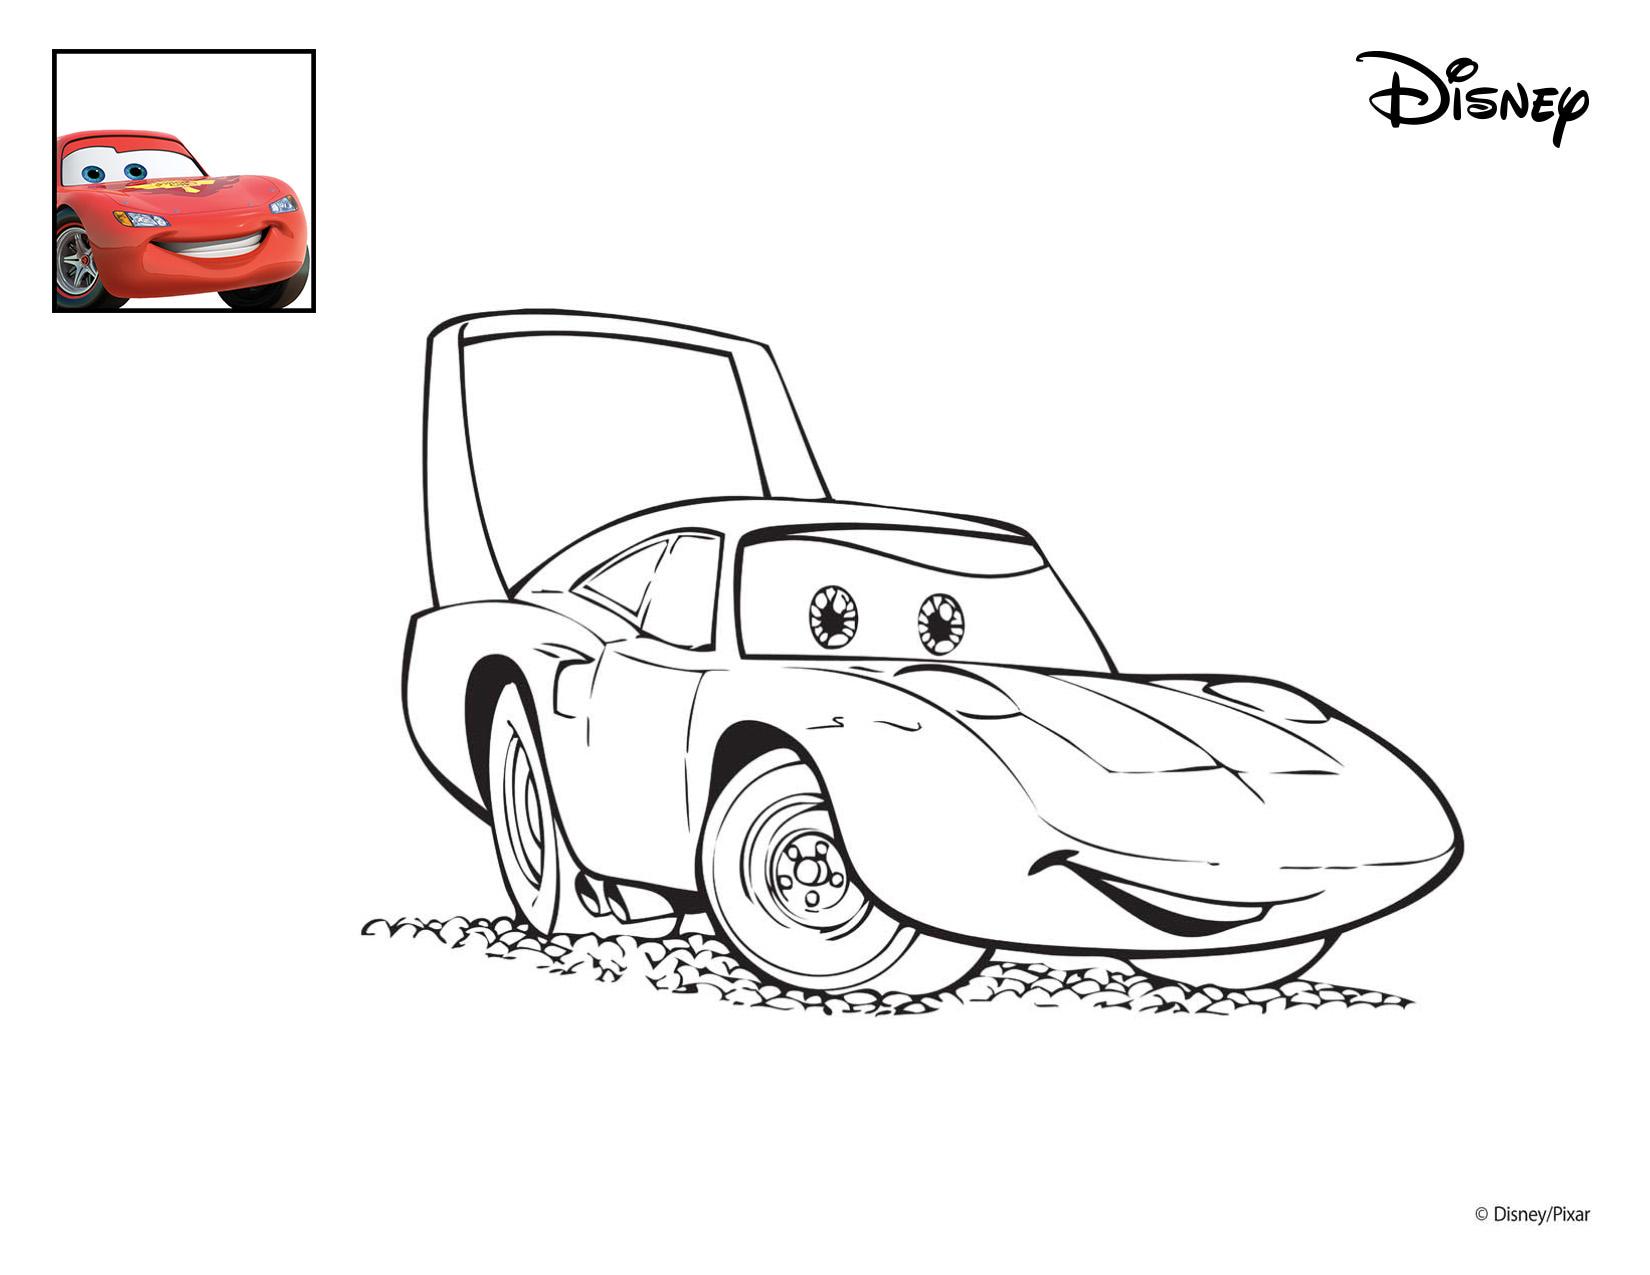 Ausmalbilder Cars Zum Ausdrucken : Malvorlagen Autos Kostenlose Ausmalbilder Mytoys Blog